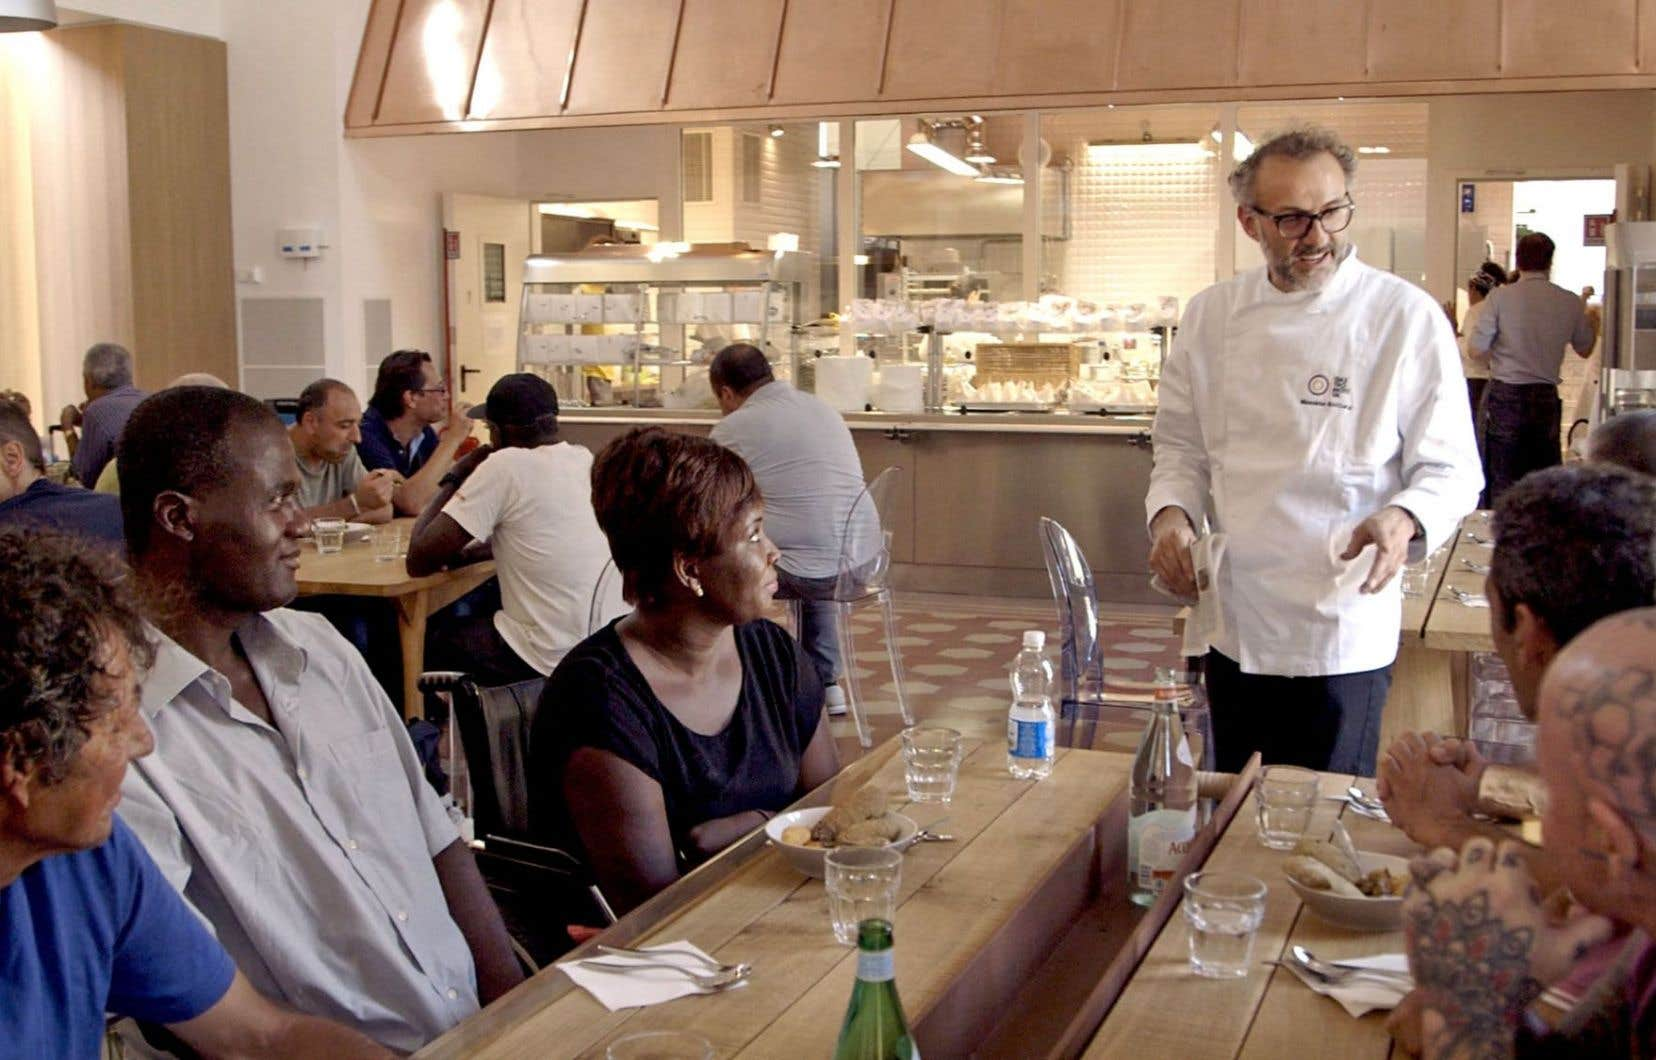 Le grand chef italien Massimo Bottura a eu une idée folle, sur fond de lutte contre le gaspillage alimentaire: ouvrir un réfectoire pour les gens qui ne mangent pas à leur faim.